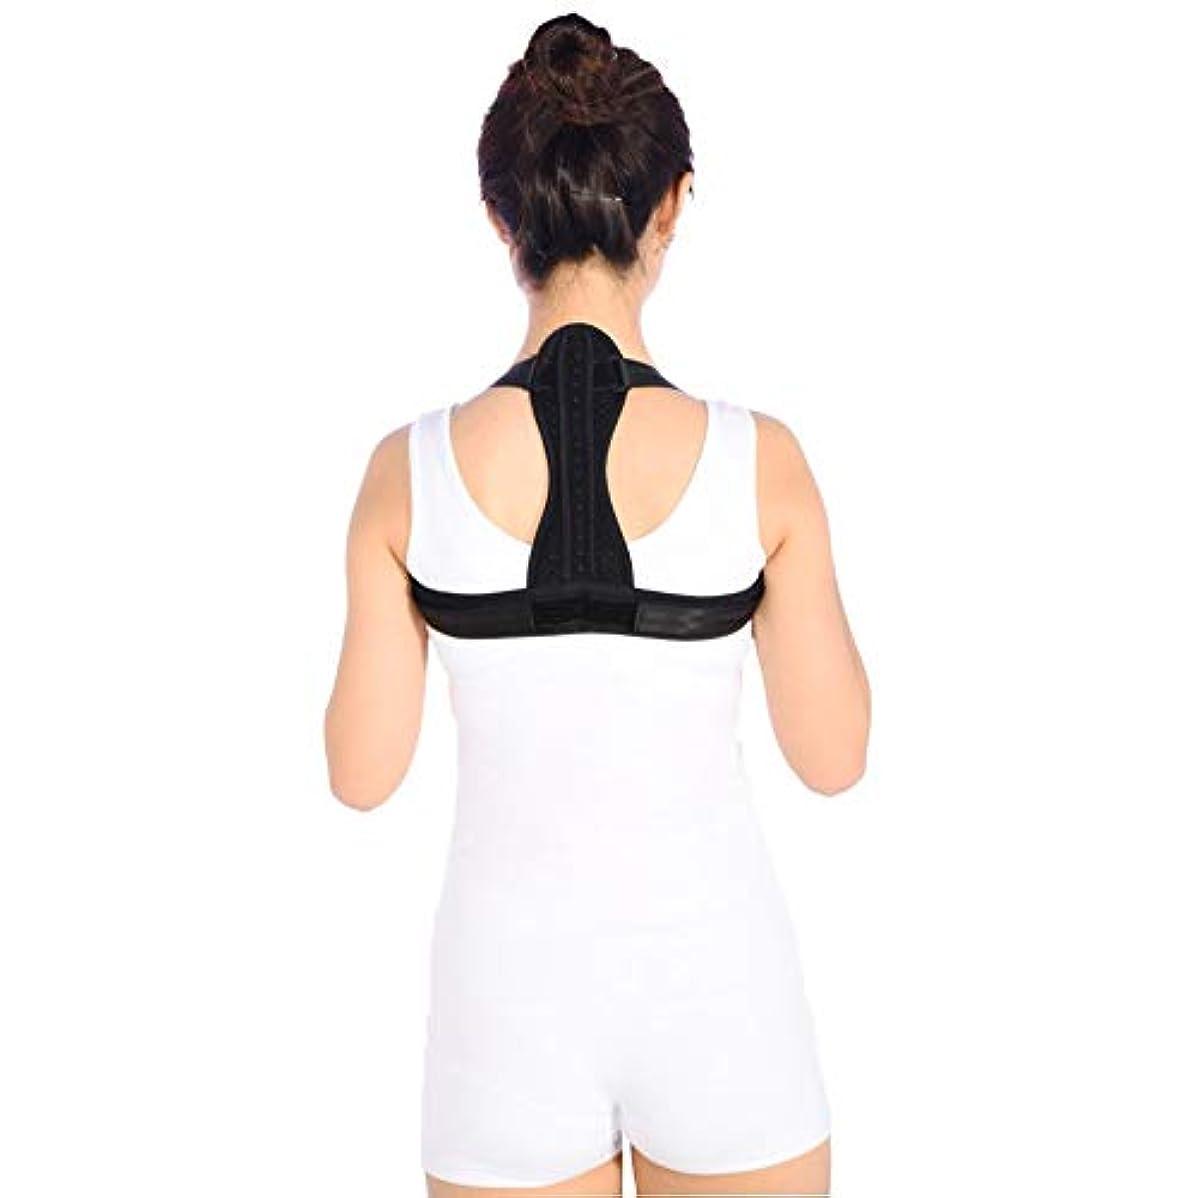 糞いとこ誰通気性の脊柱側弯症ザトウクジラ補正ベルト調節可能な快適さ目に見えないベルト男性女性大人学生子供 - 黒